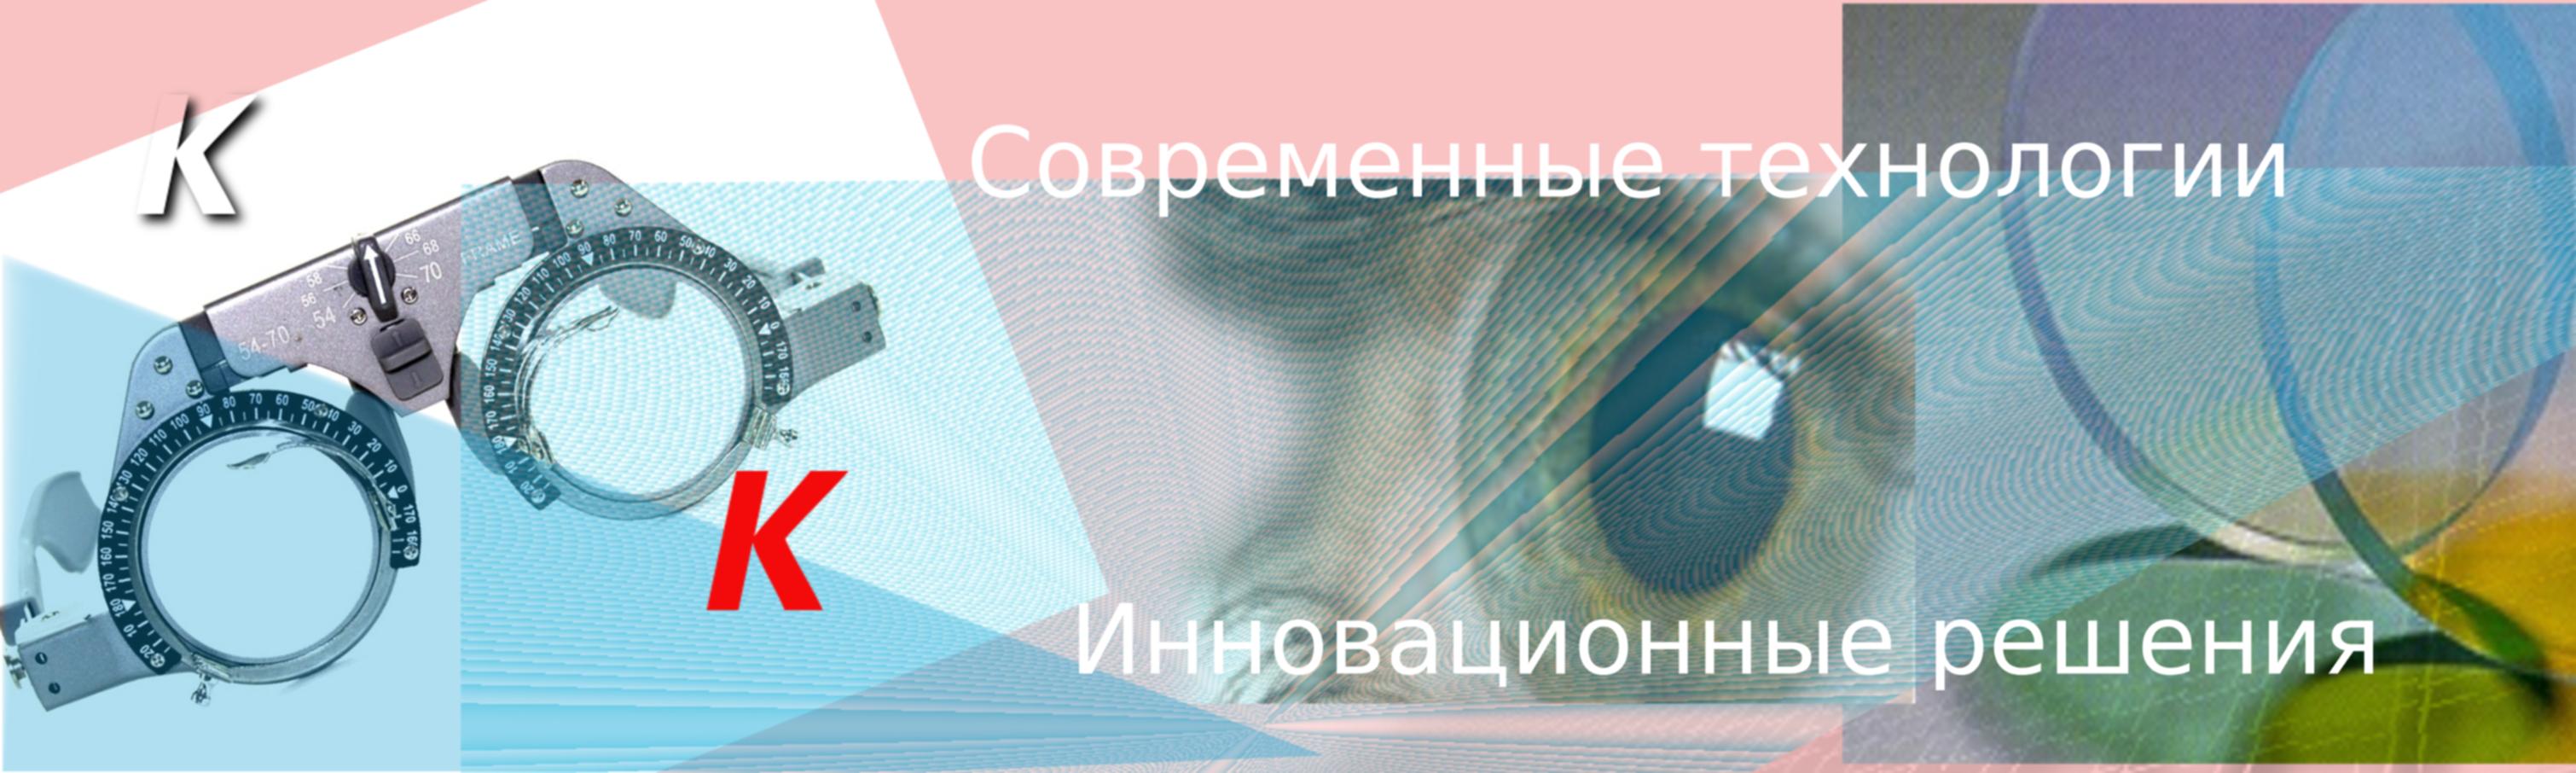 Создание нескольких графических панно для оптической компани фото f_058590e18a6dcece.jpg